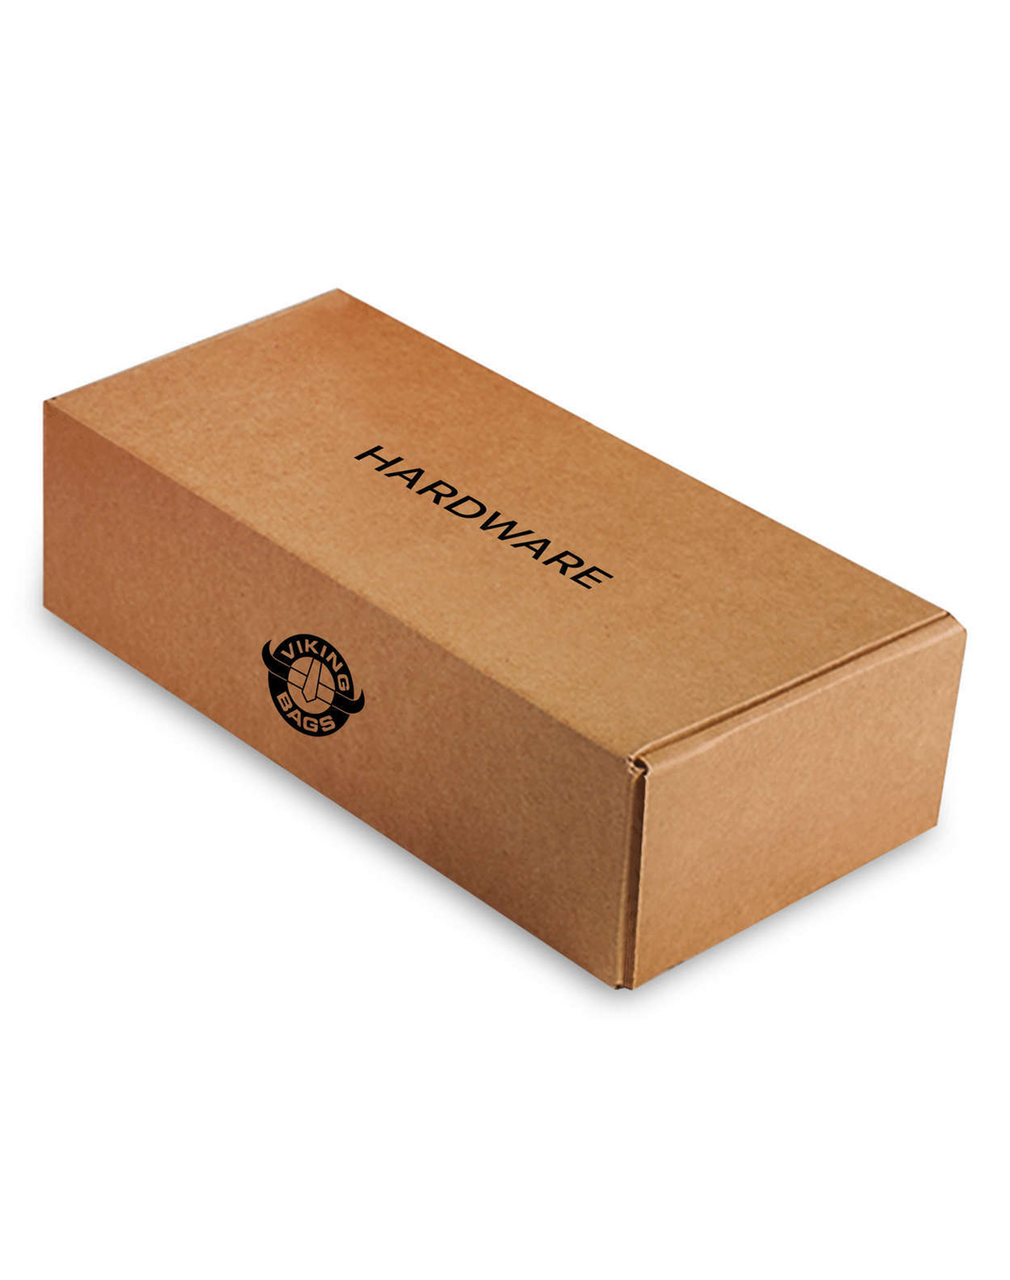 Honda Rebel 500 Warrior Shock Cutout Large Motorcycle Saddlebags Hardware Box